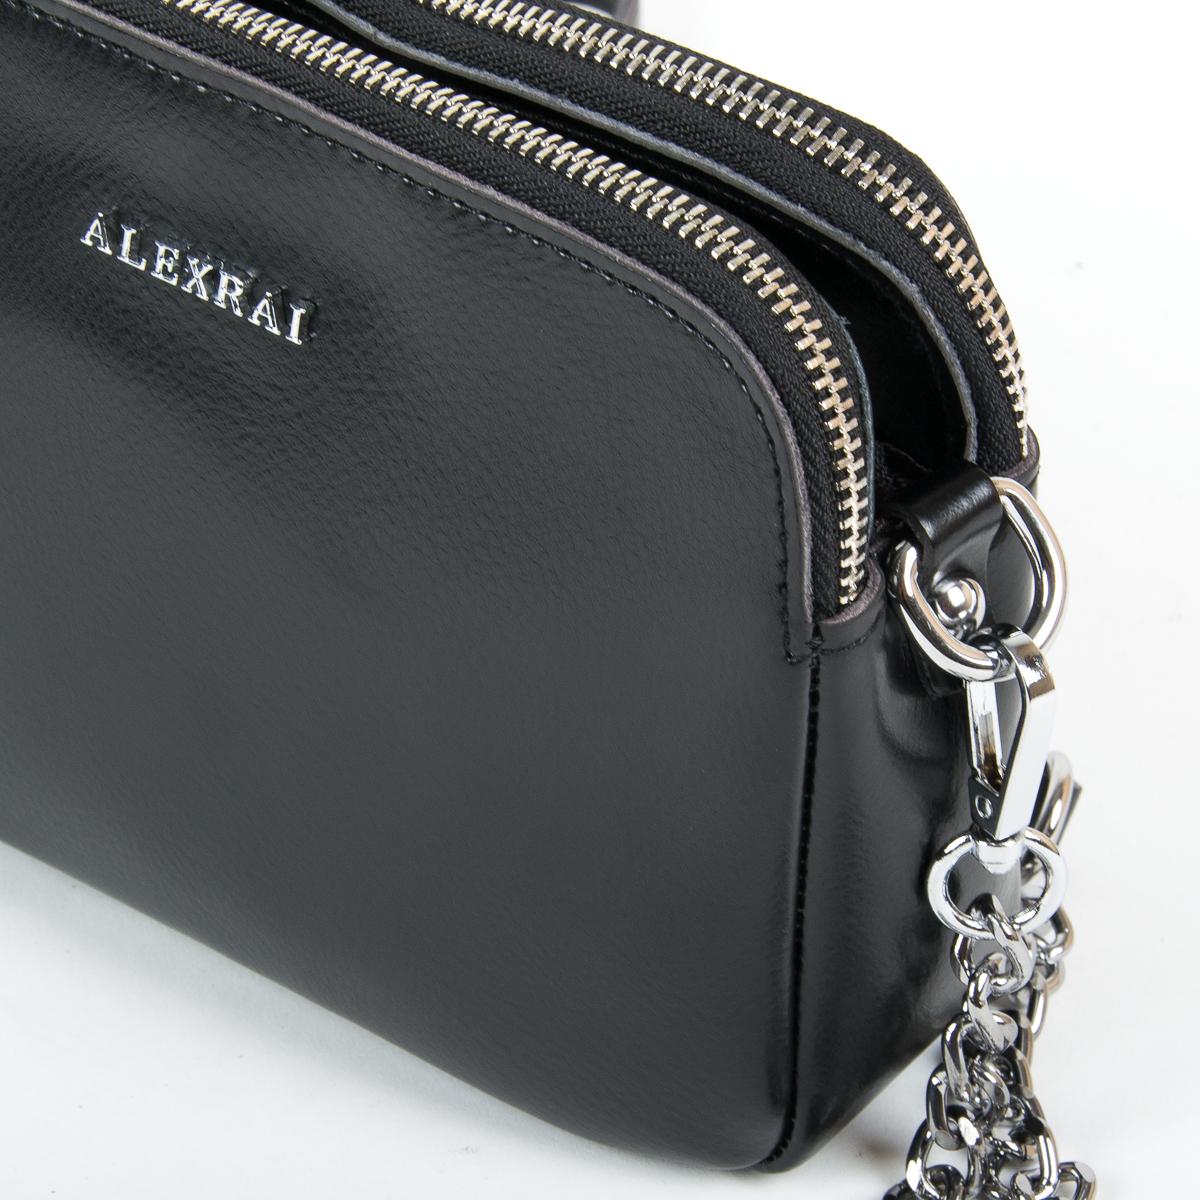 Сумка Женская Клатч кожа ALEX RAI 9-01 8701 black - фото 3